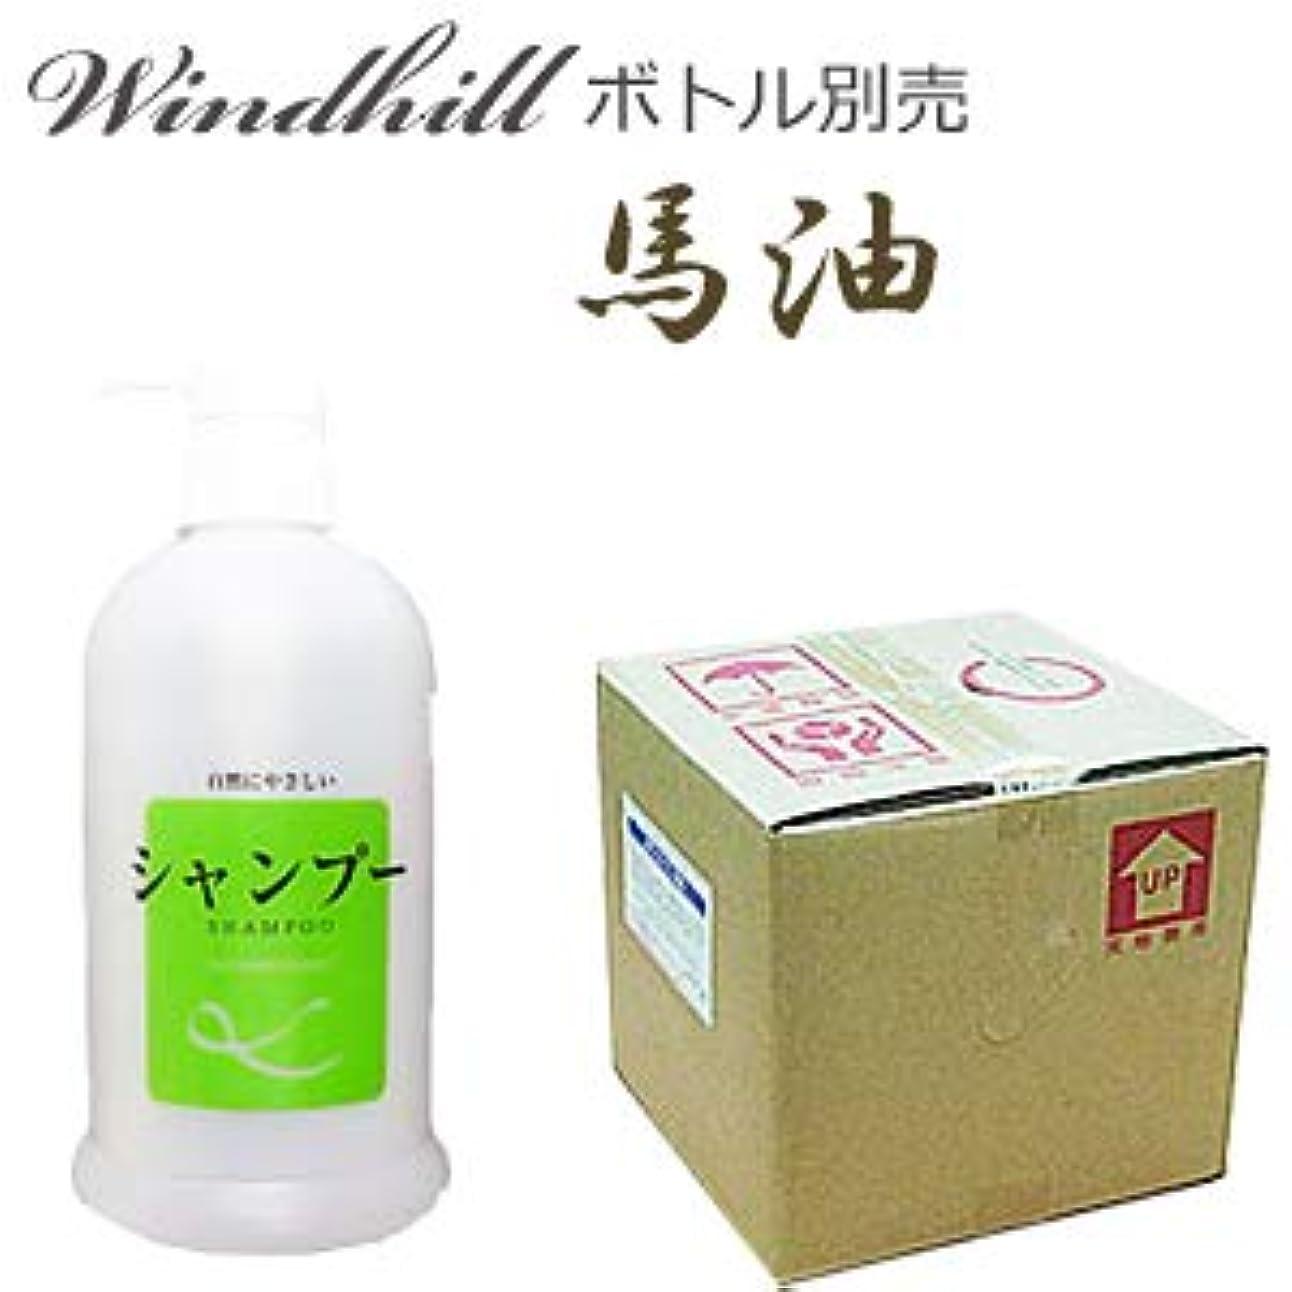 ご注意塗抹モニカなんと! 500ml当り190円 Windhill 馬油 業務用 シャンプー フローラルの香り 20L